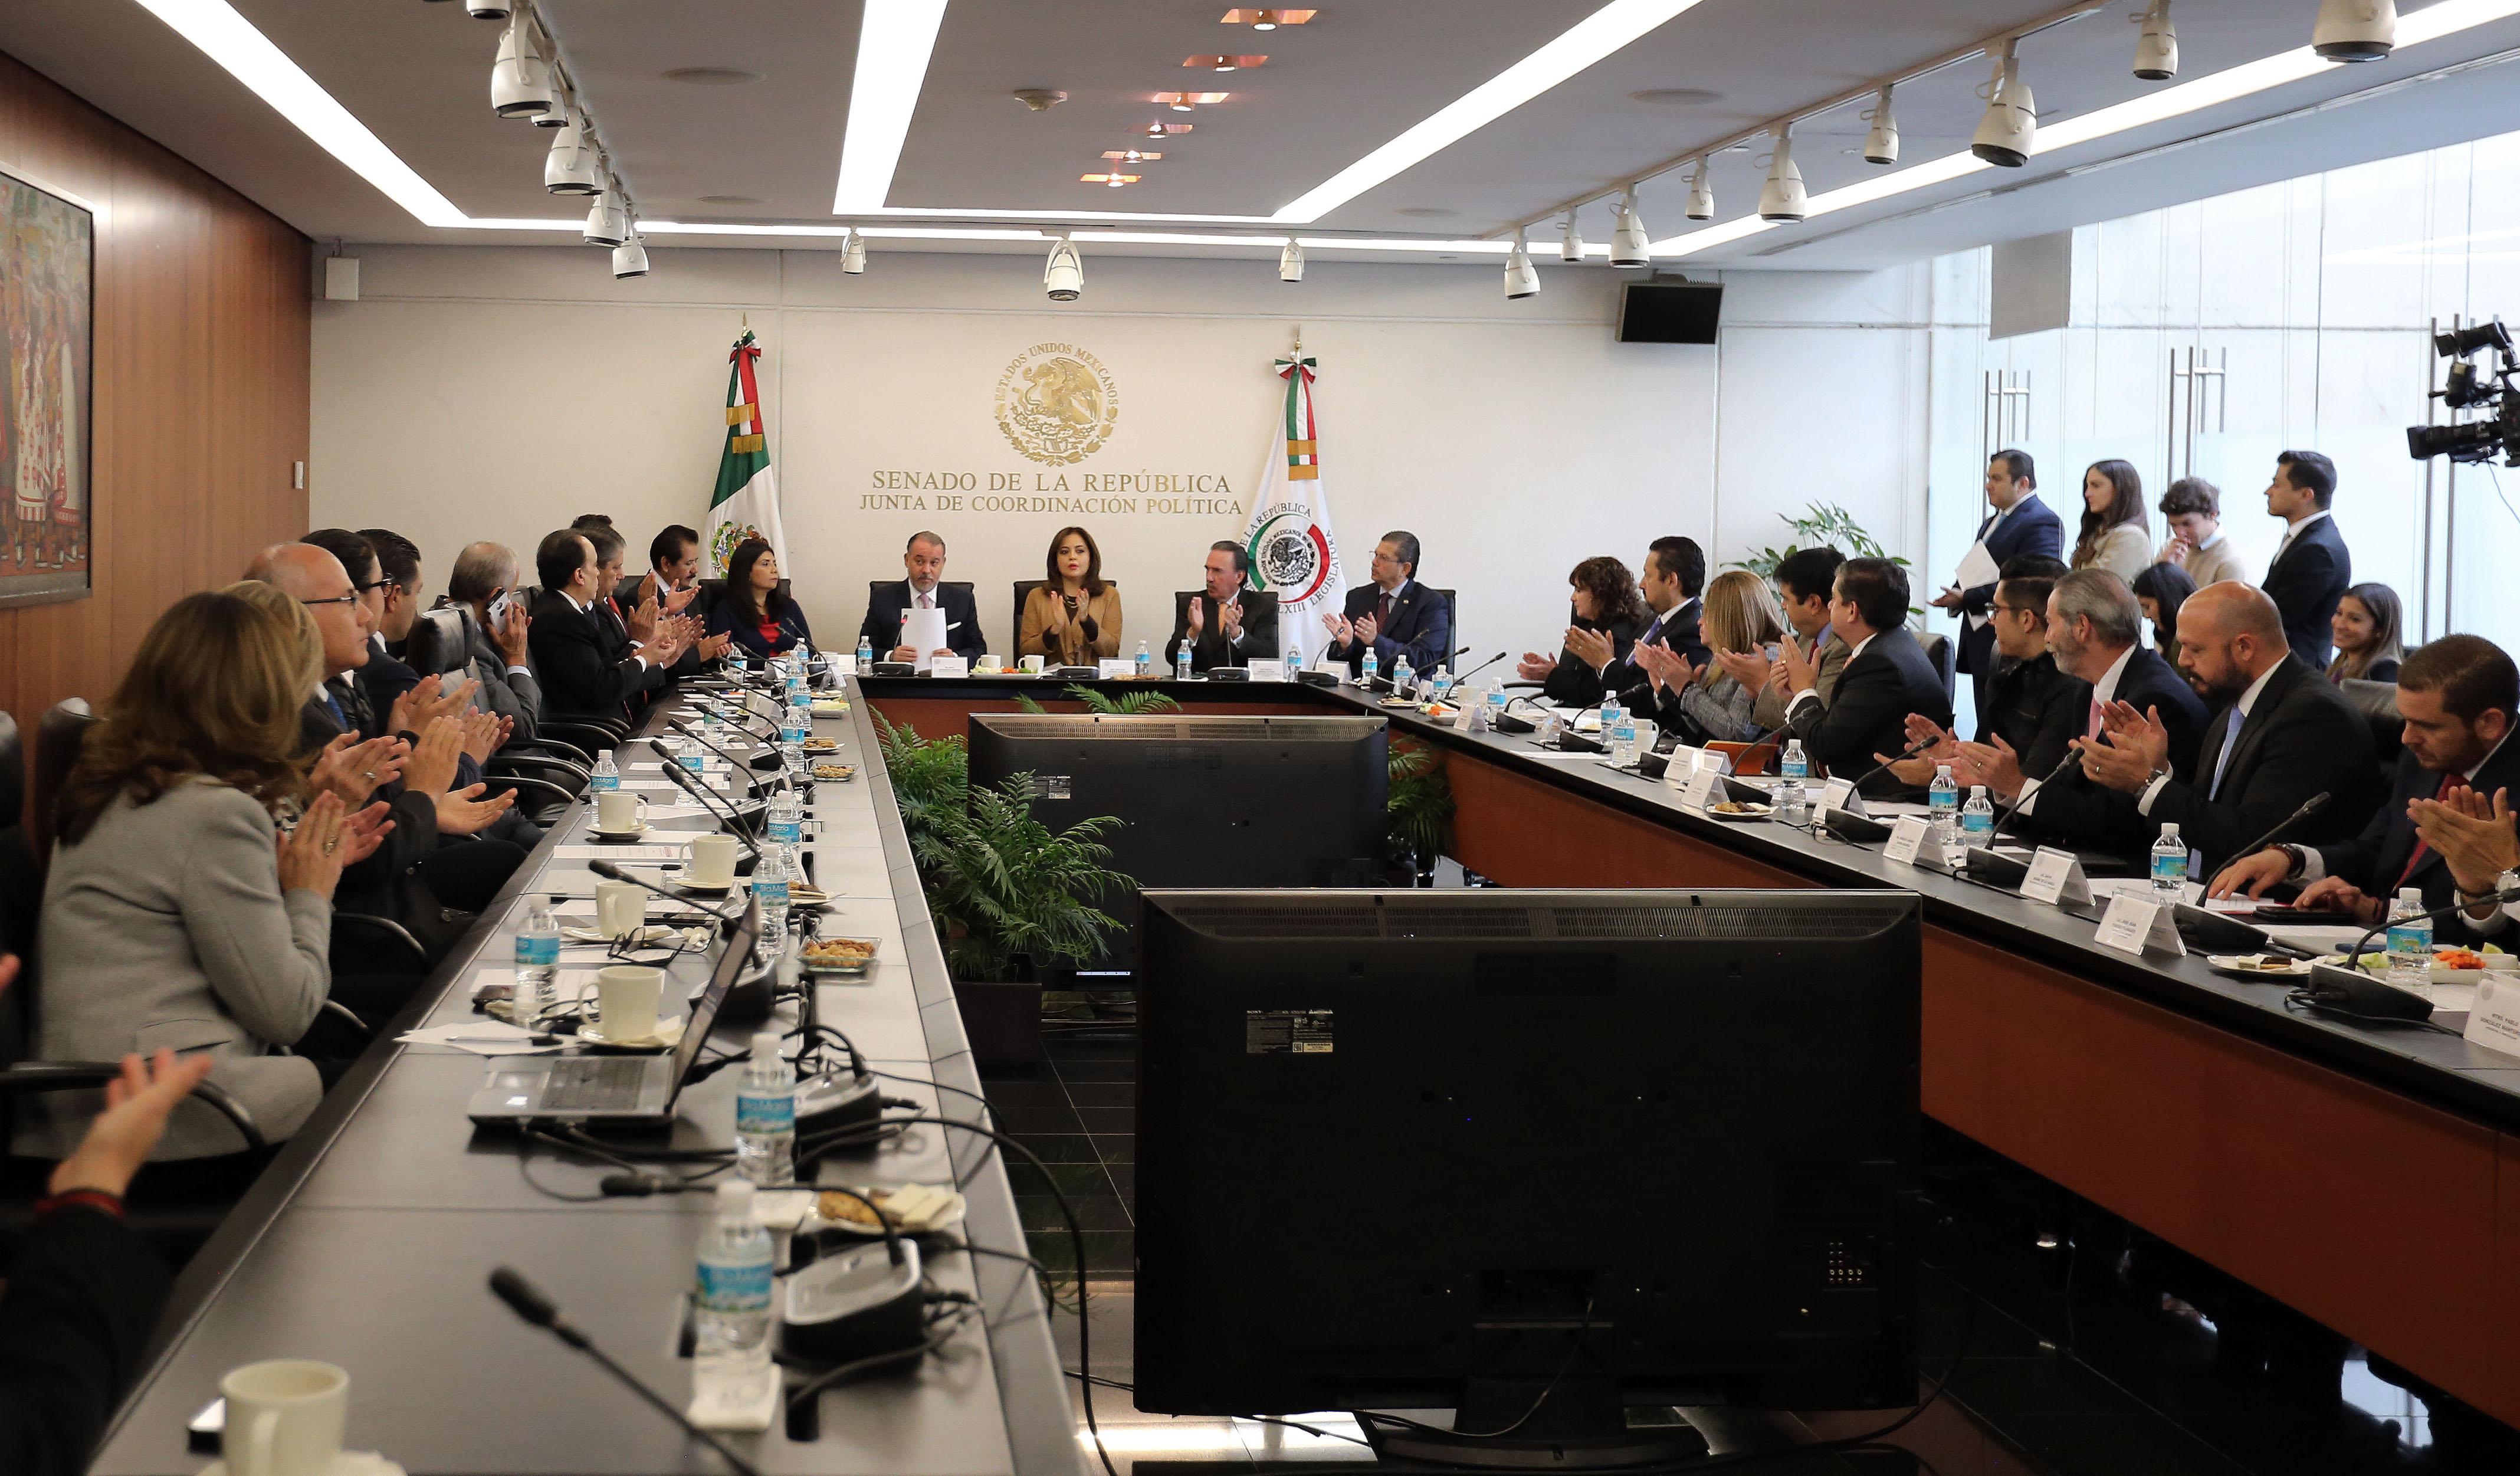 Sesión de la Junta de Coordinación Política del Senado de la República